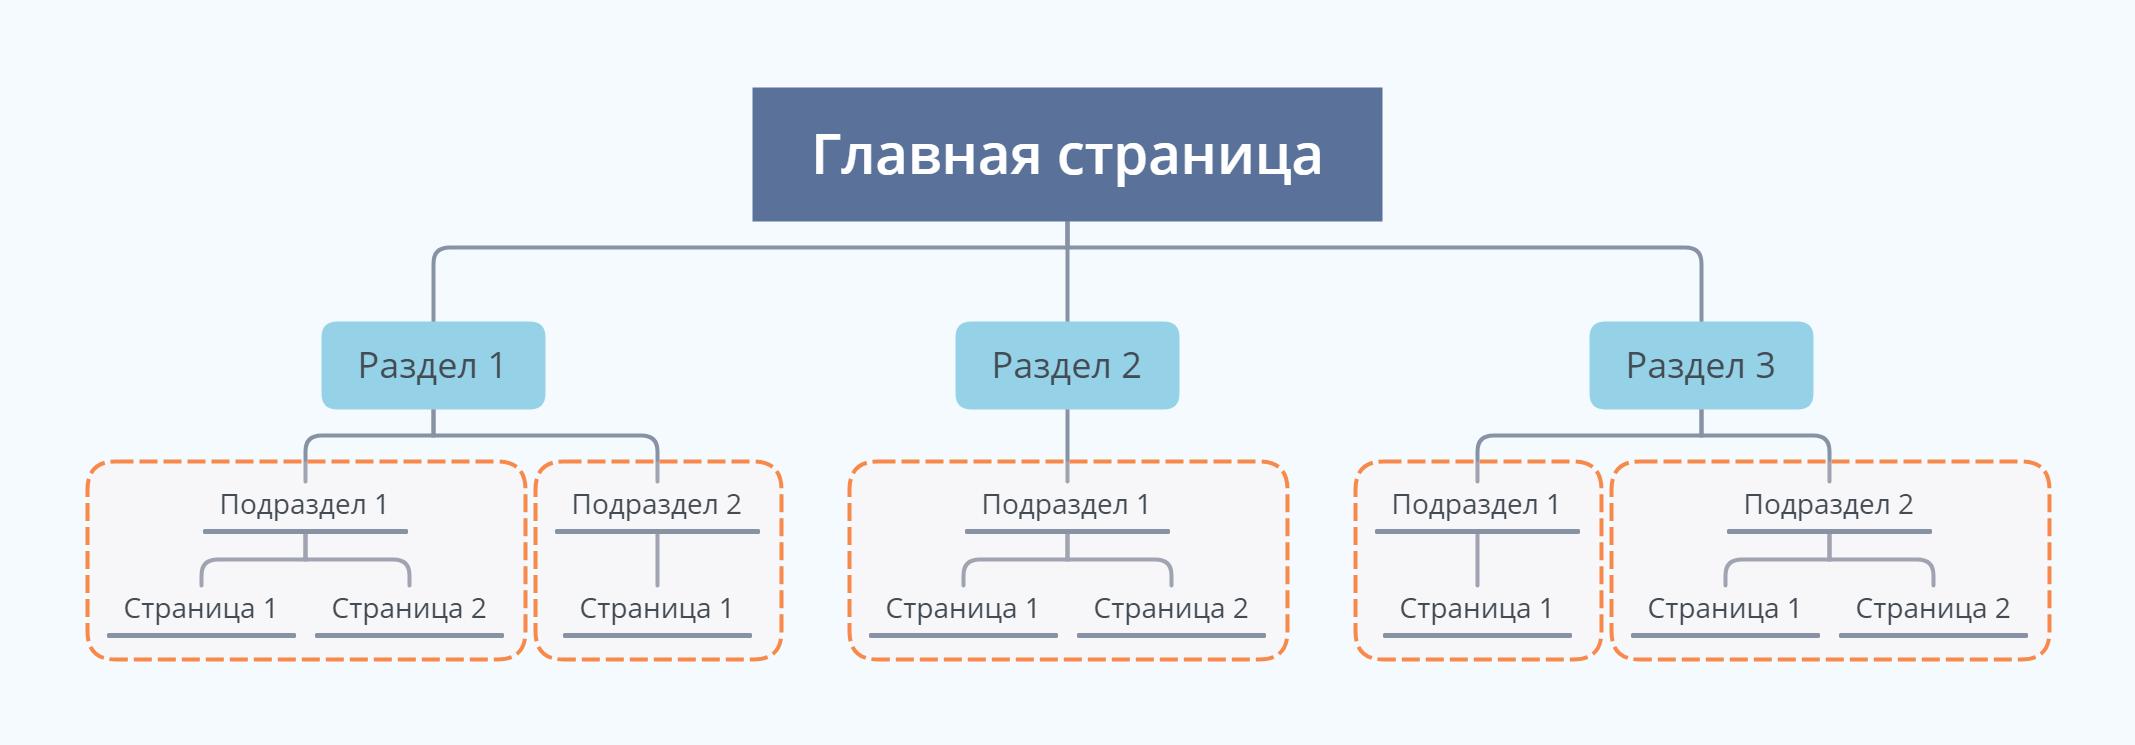 Схема правильной структуры сайта